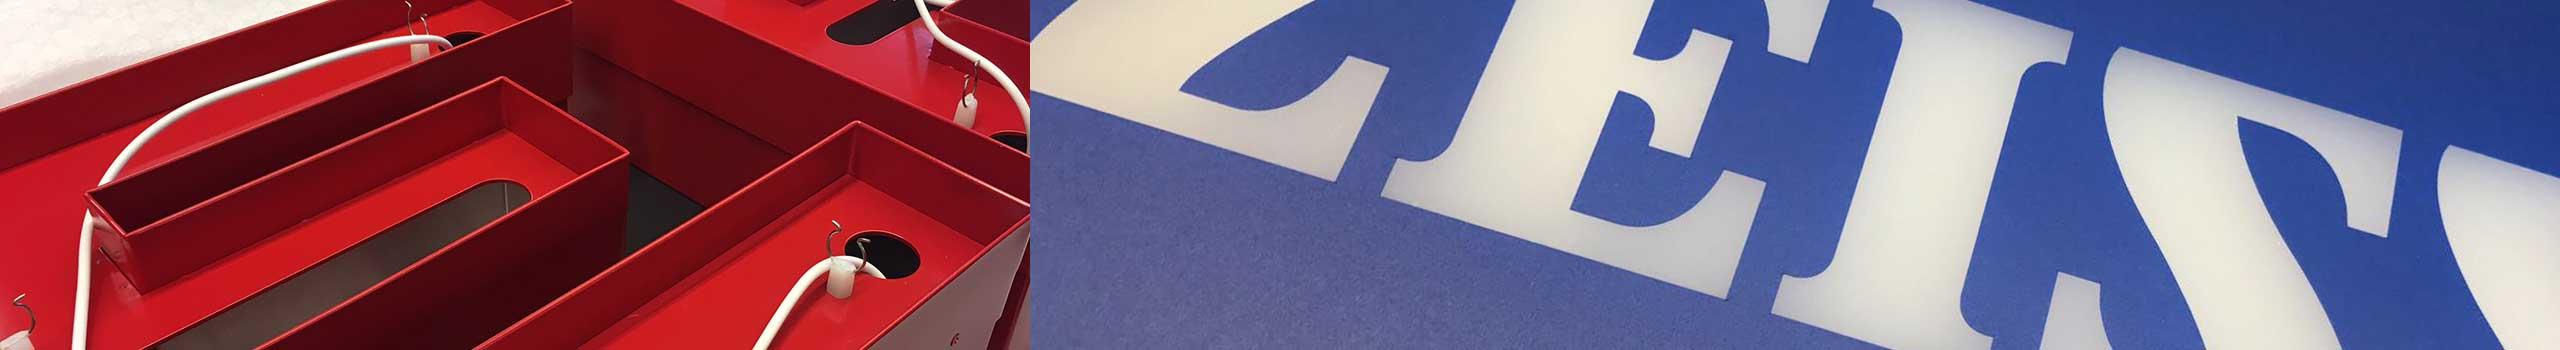 slider-produkte-profilbuchstaben-03